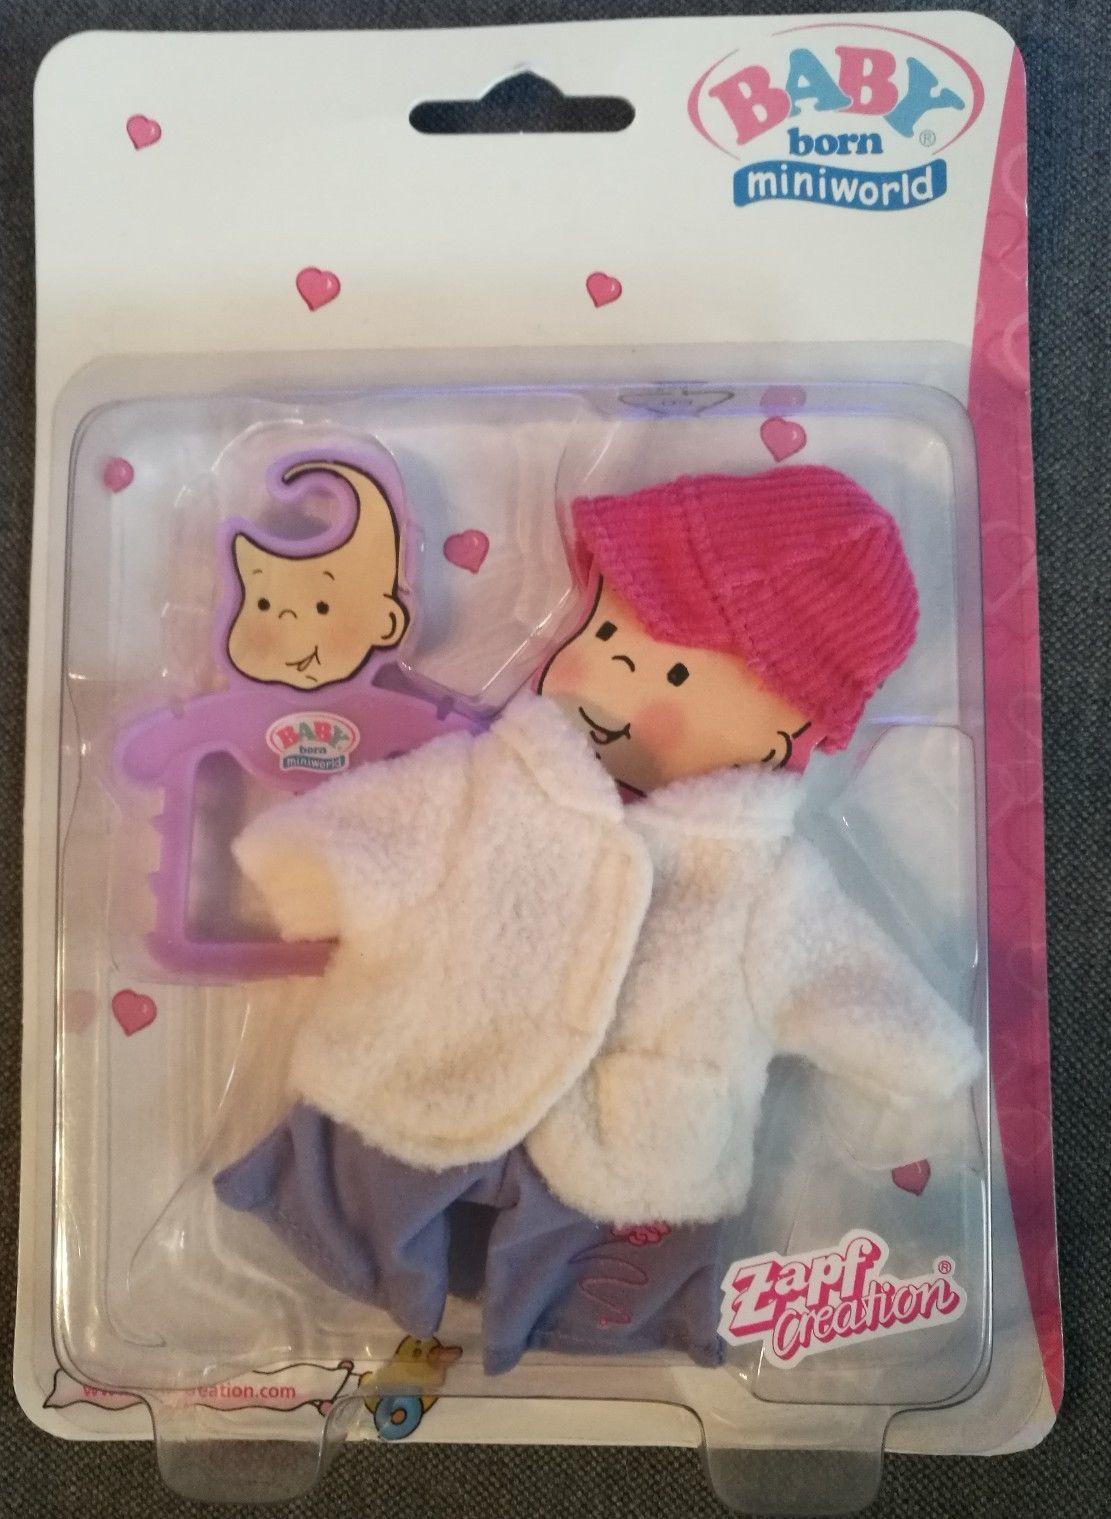 Baby Born Miniworld In Spielzeug Puppen Zubehor Babypuppen Zubehor Ebay Haakpatronen